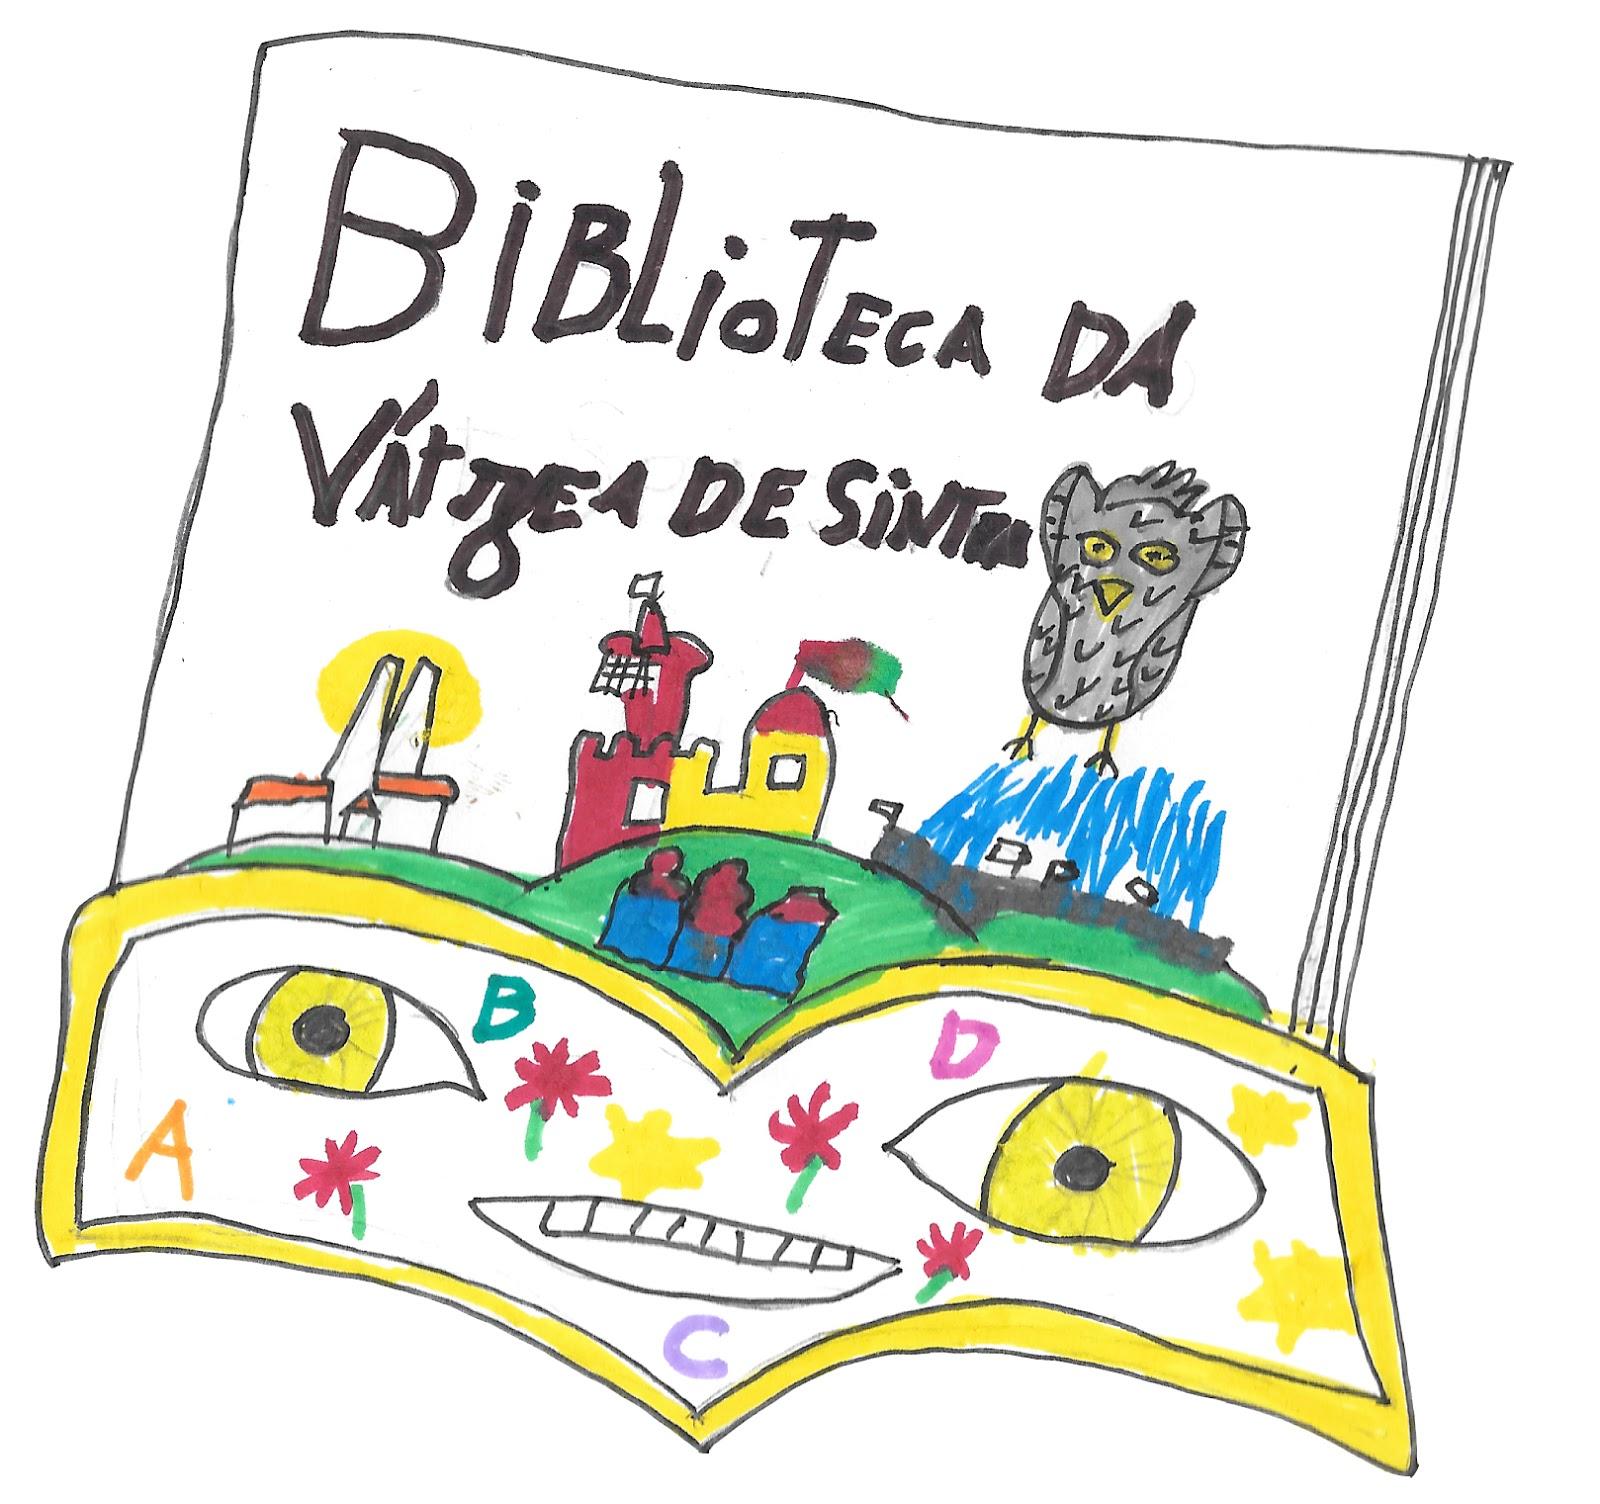 BIBLIOTECA ESCOLAR DA VÁRZEA DE SINTRA